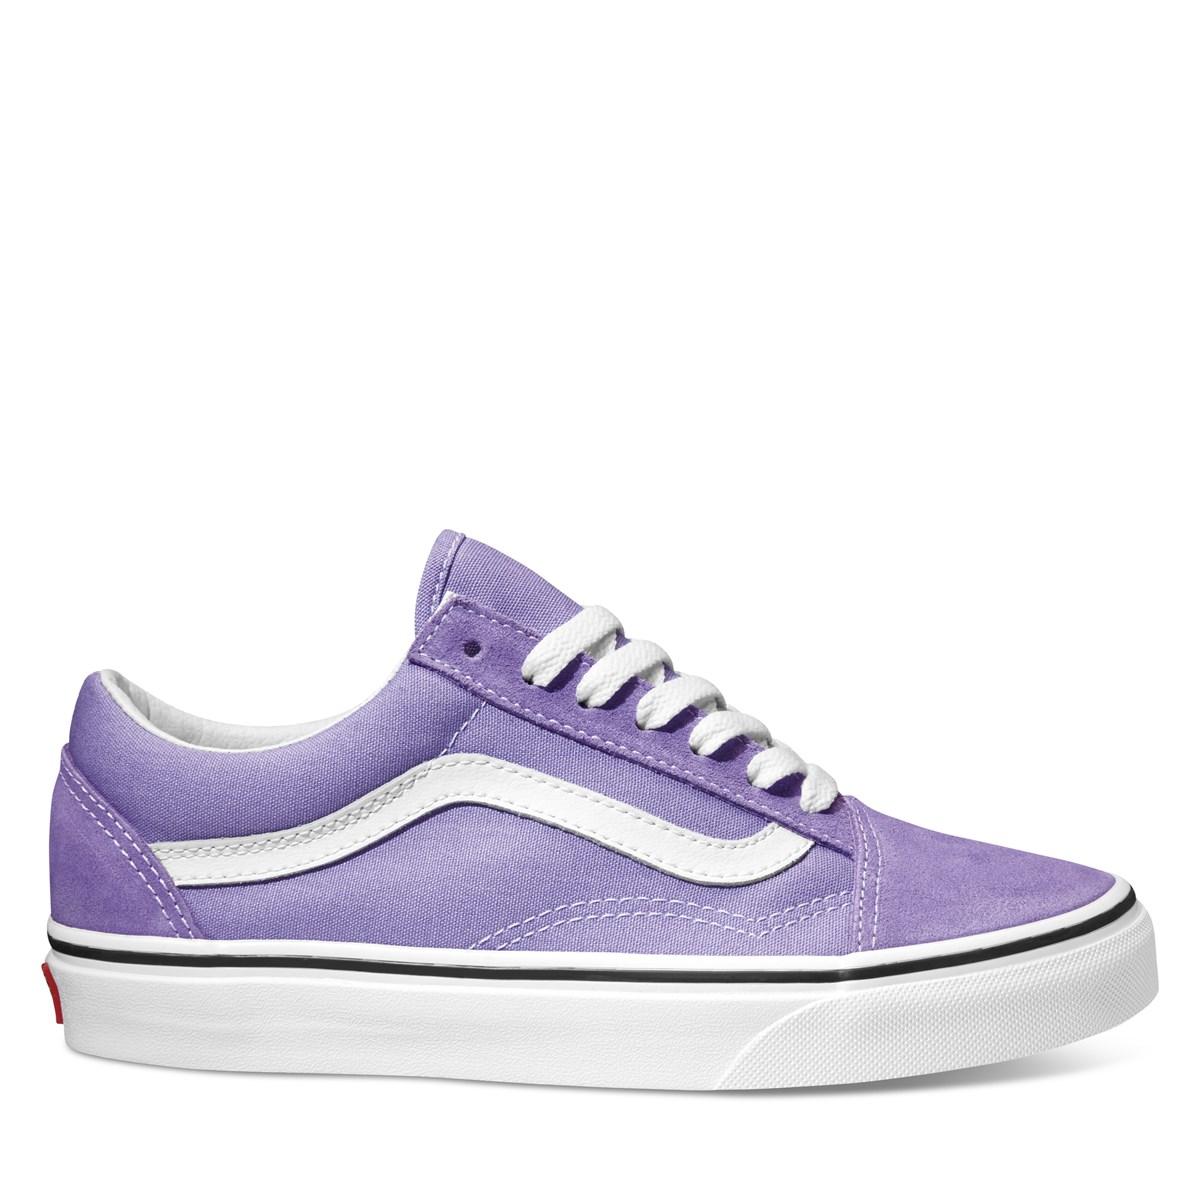 Women's Old Skool Sneakers in Purple